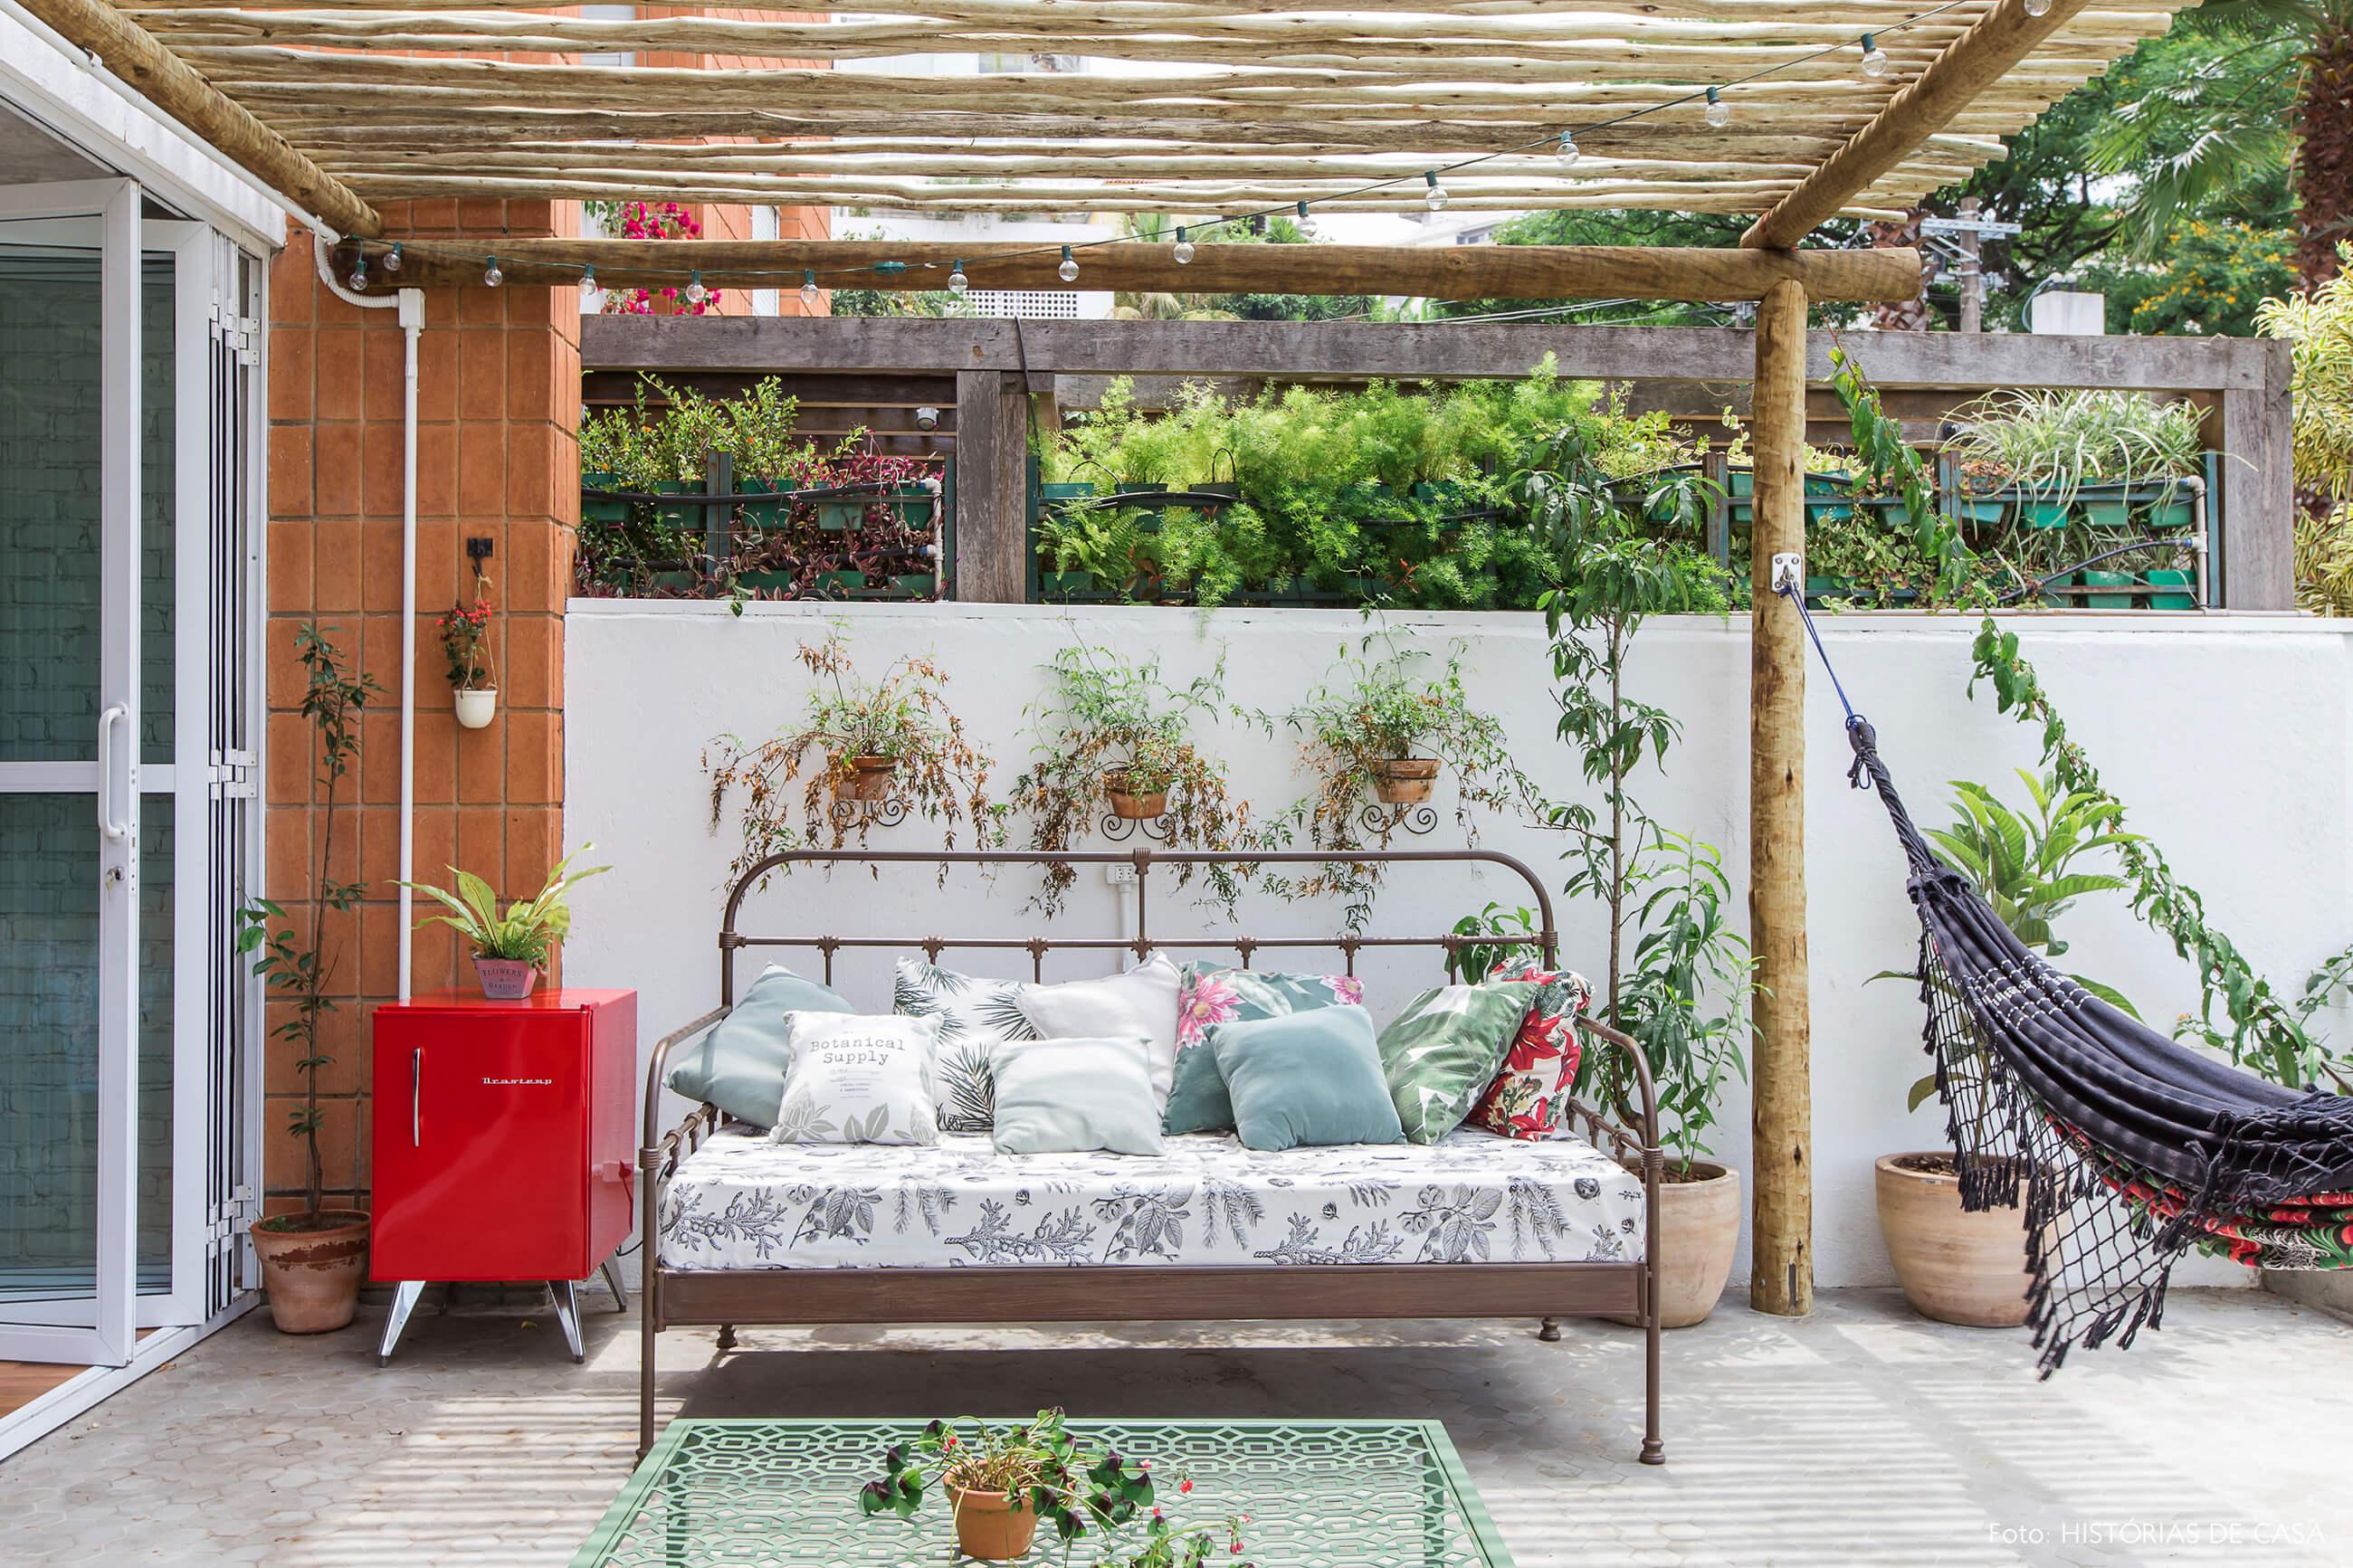 Apartamento com terraço e pergolado de eucalipto